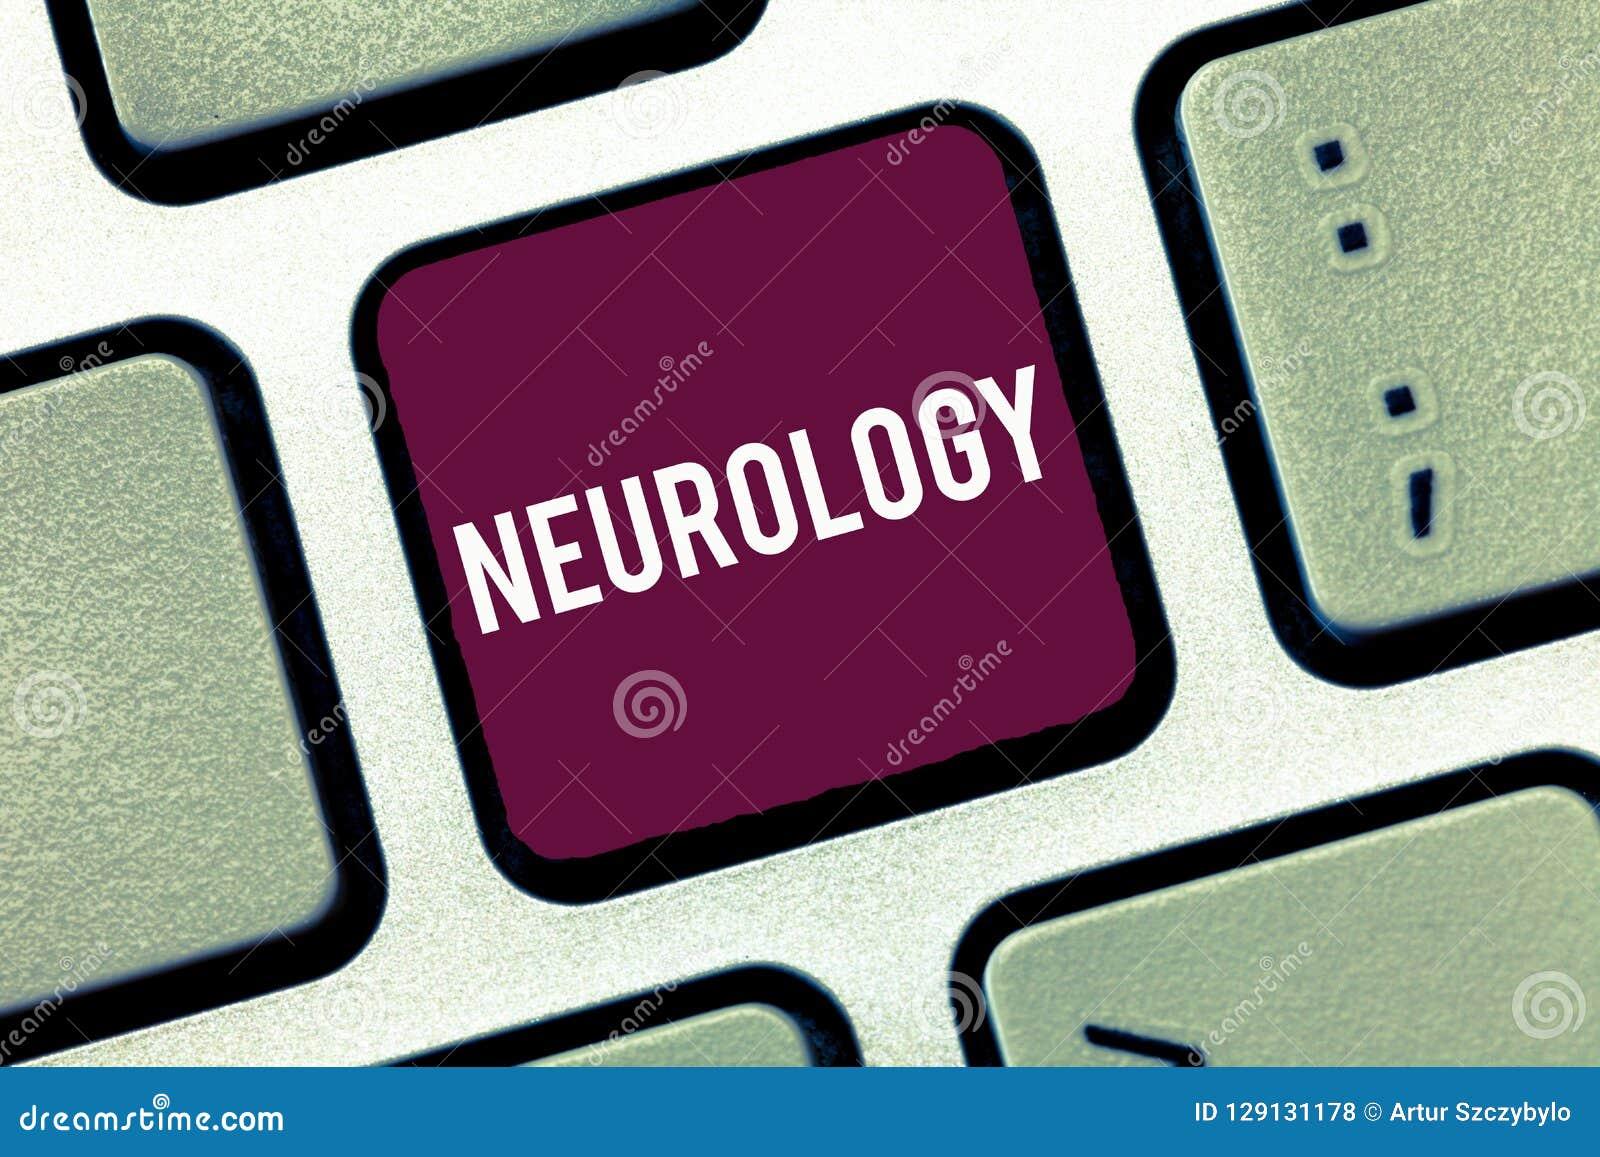 Νευρολογία γραψίματος κειμένων γραφής Έννοια που σημαίνει τον κλάδο της ιατρικής που εξετάζει τις αναταραχές του νευρικού συστήμα